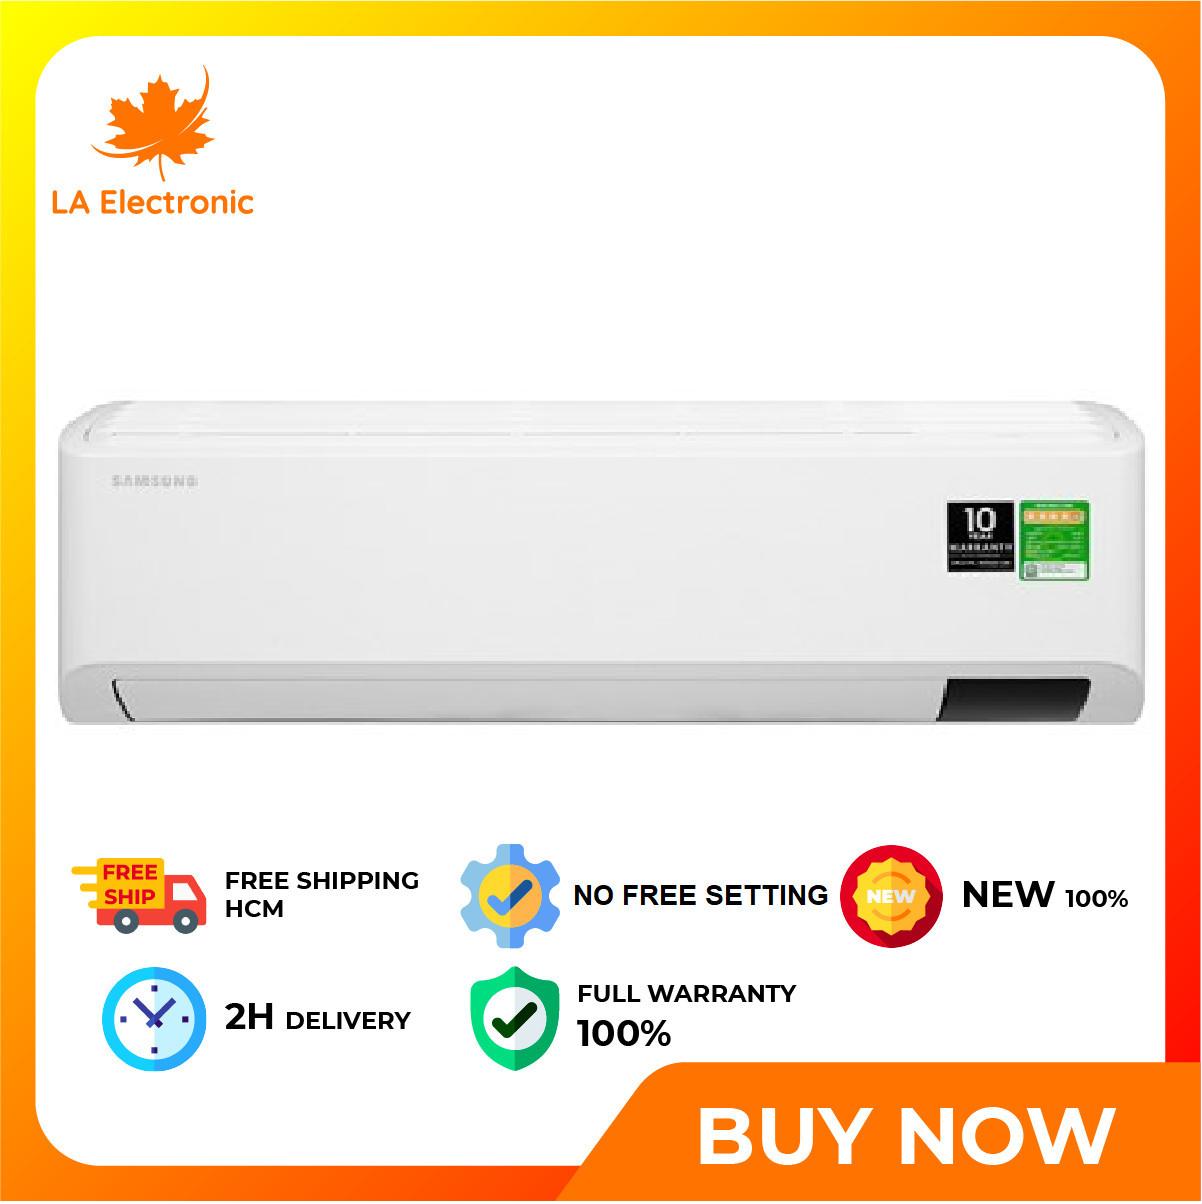 [GIAO HÀNG 2 - 15 NGÀY, TRỄ NHẤT 15.08] Trả Góp 0% - Máy lạnh Samsung Inverter 1.5 HP AR13TYHYCWKNSV - Miễn phí vận chuyển HCM